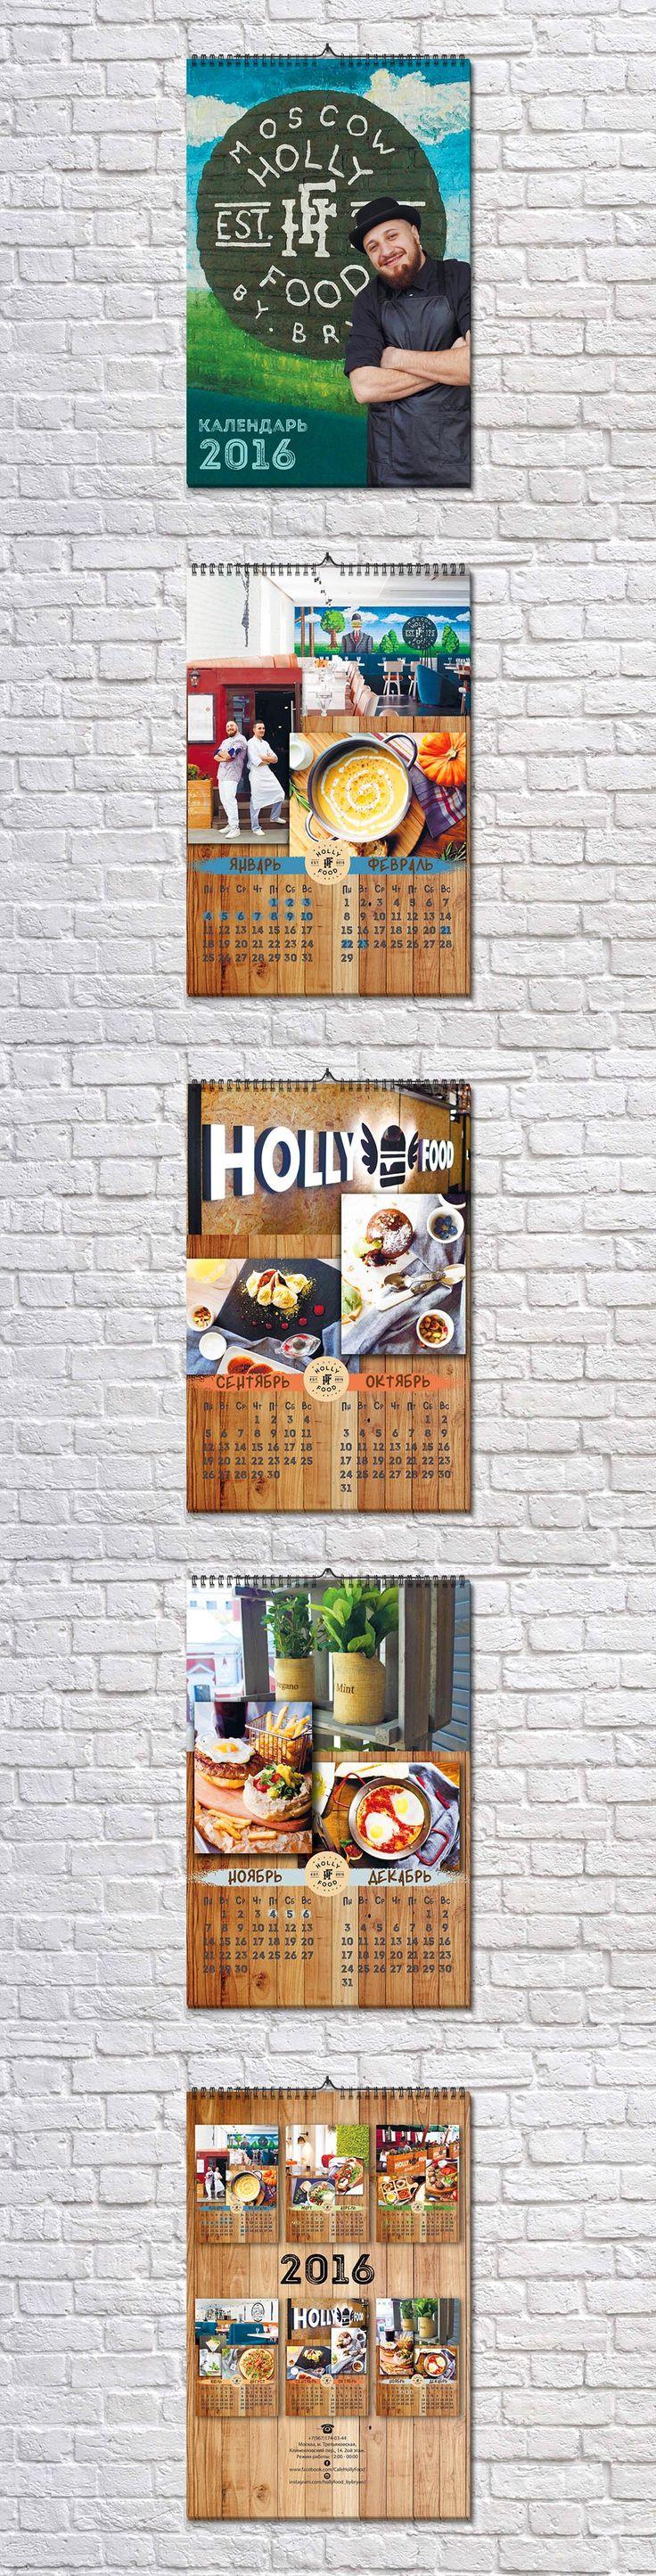 """Настенный календарь для ресторана """"Holly Food by Bryan"""""""